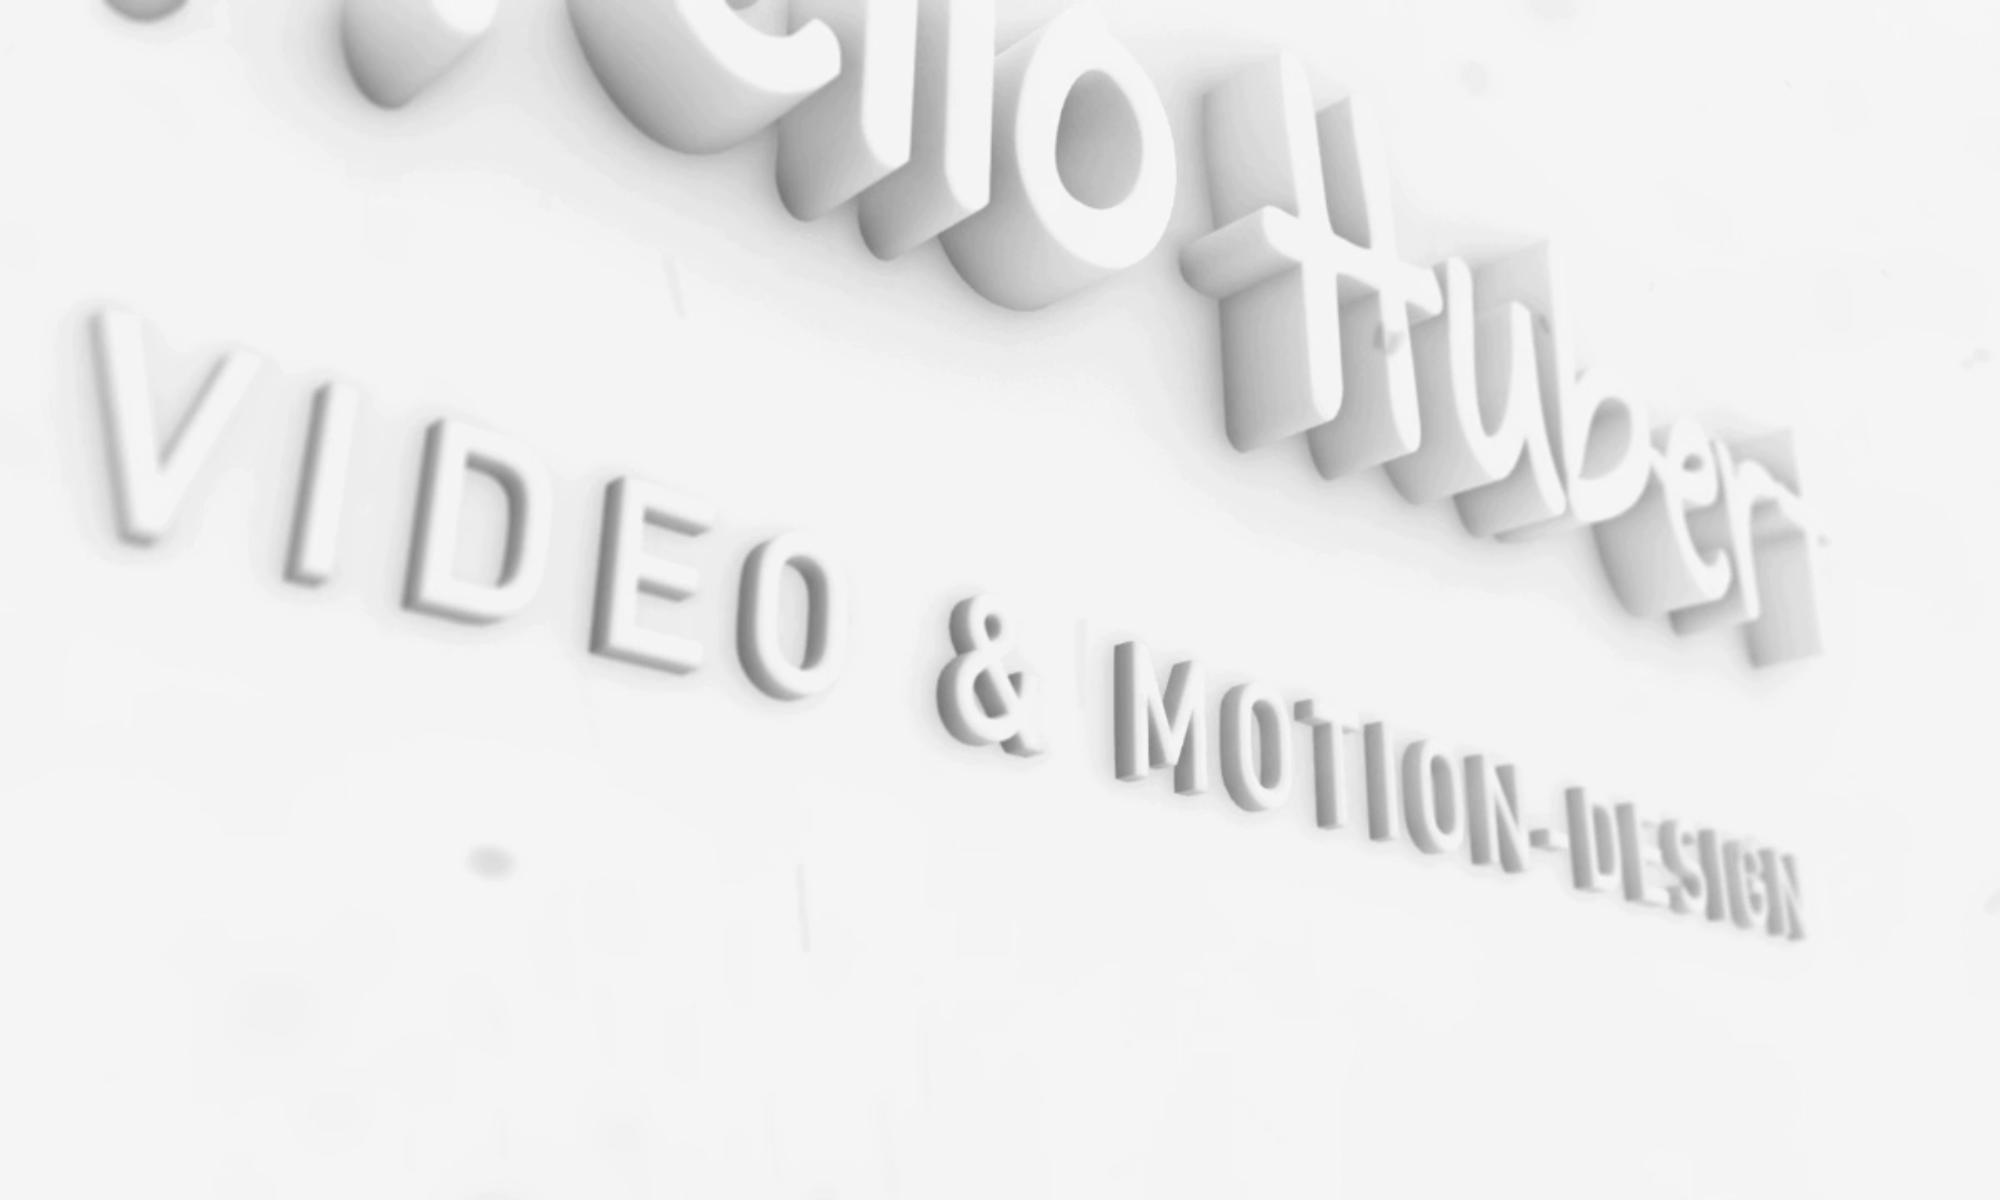 Le Blog Vidéo et Motion-Design